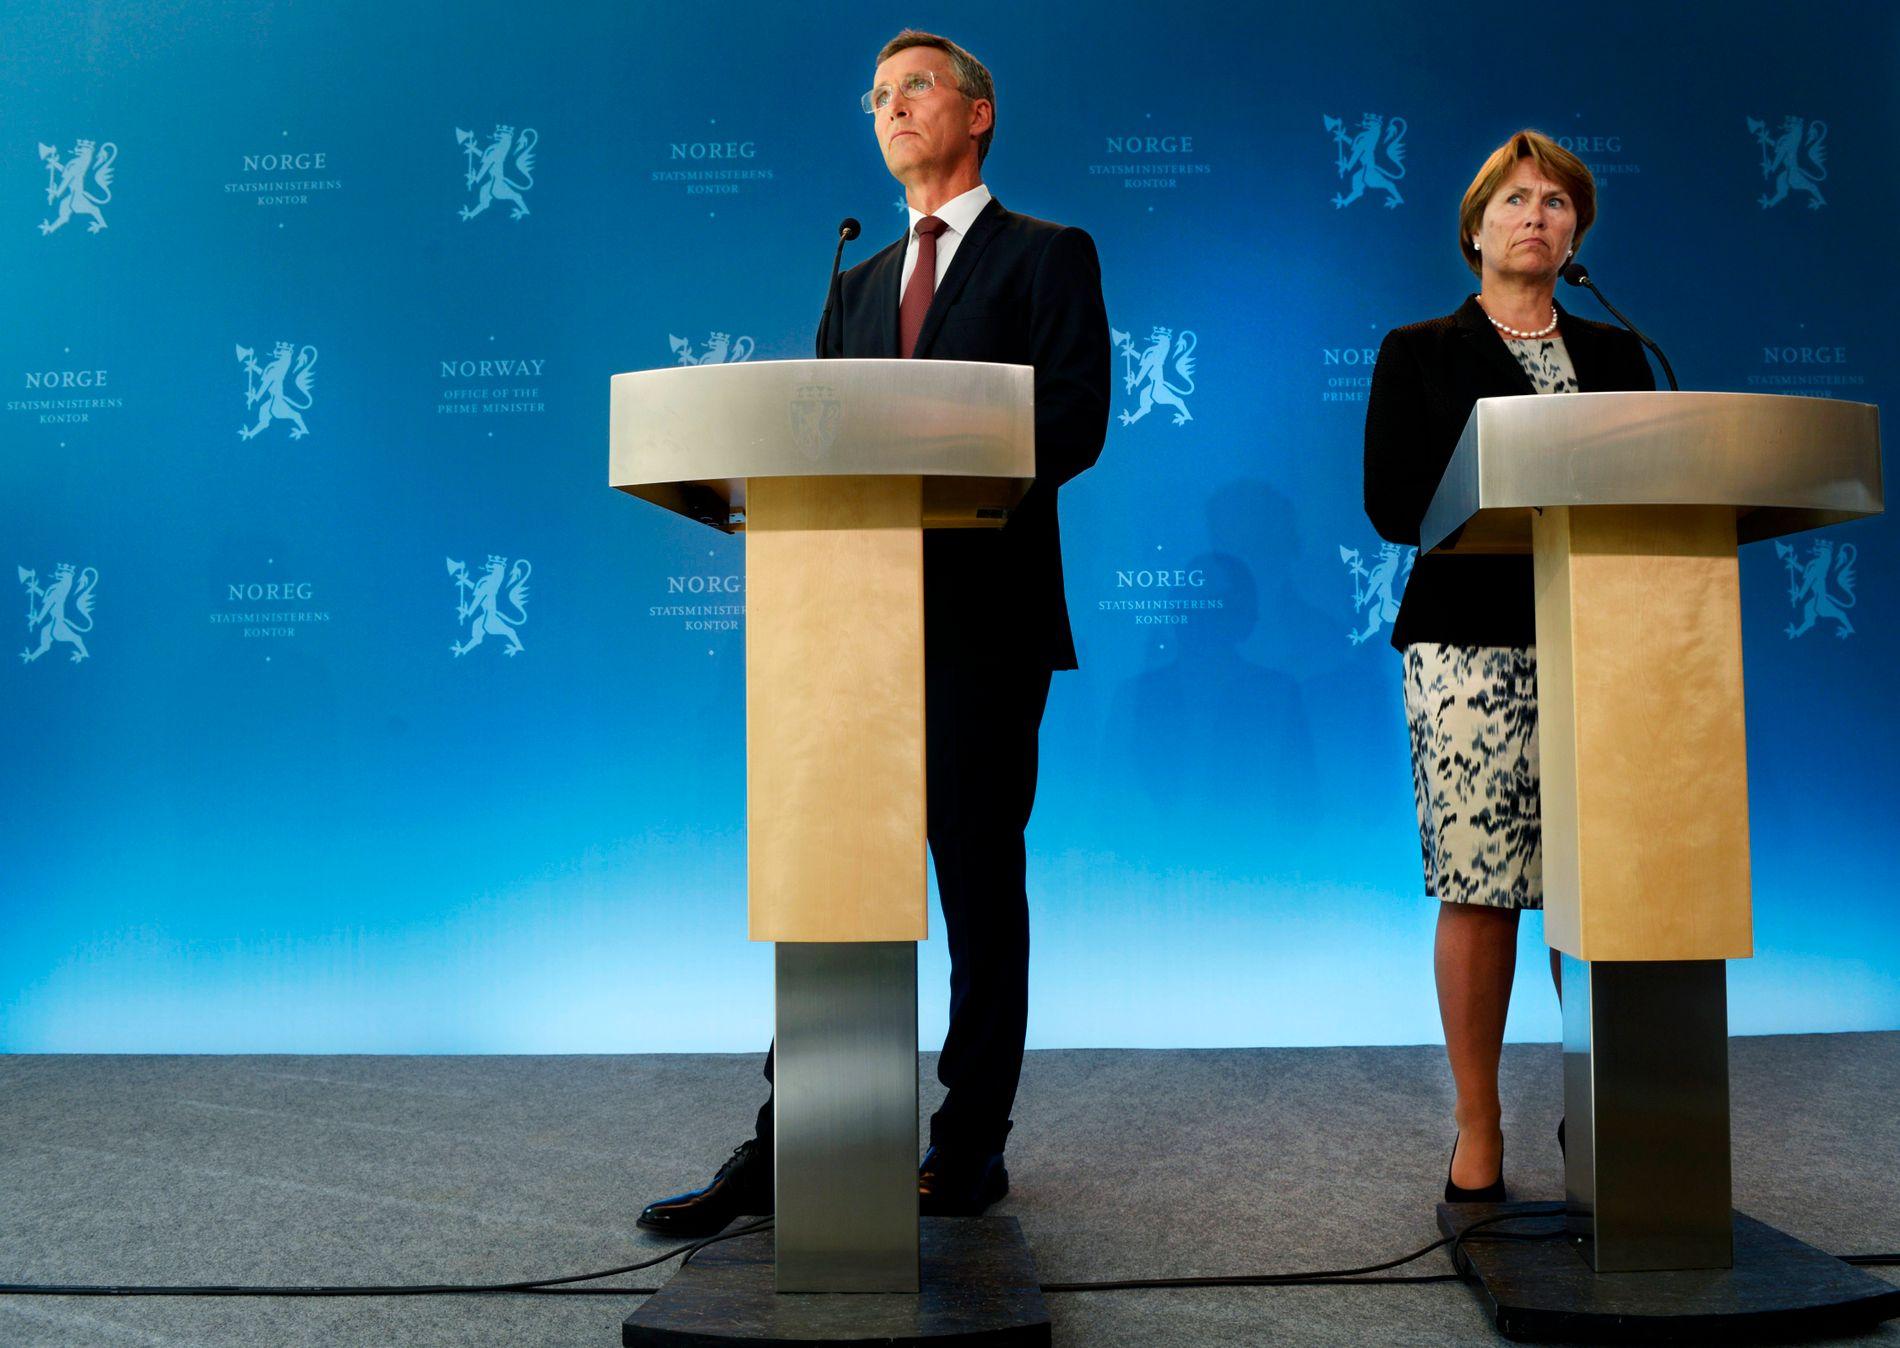 MASSIV KRITIKK: Daværende statsminister Jens Stoltenberg (Ap) og justis- og beredskapsminister Grete Faremo (Ap) holdt pressekonferanse 13. august 2012, etter at 22. juli-kommisjonen hadde lagt frem sin rapport.